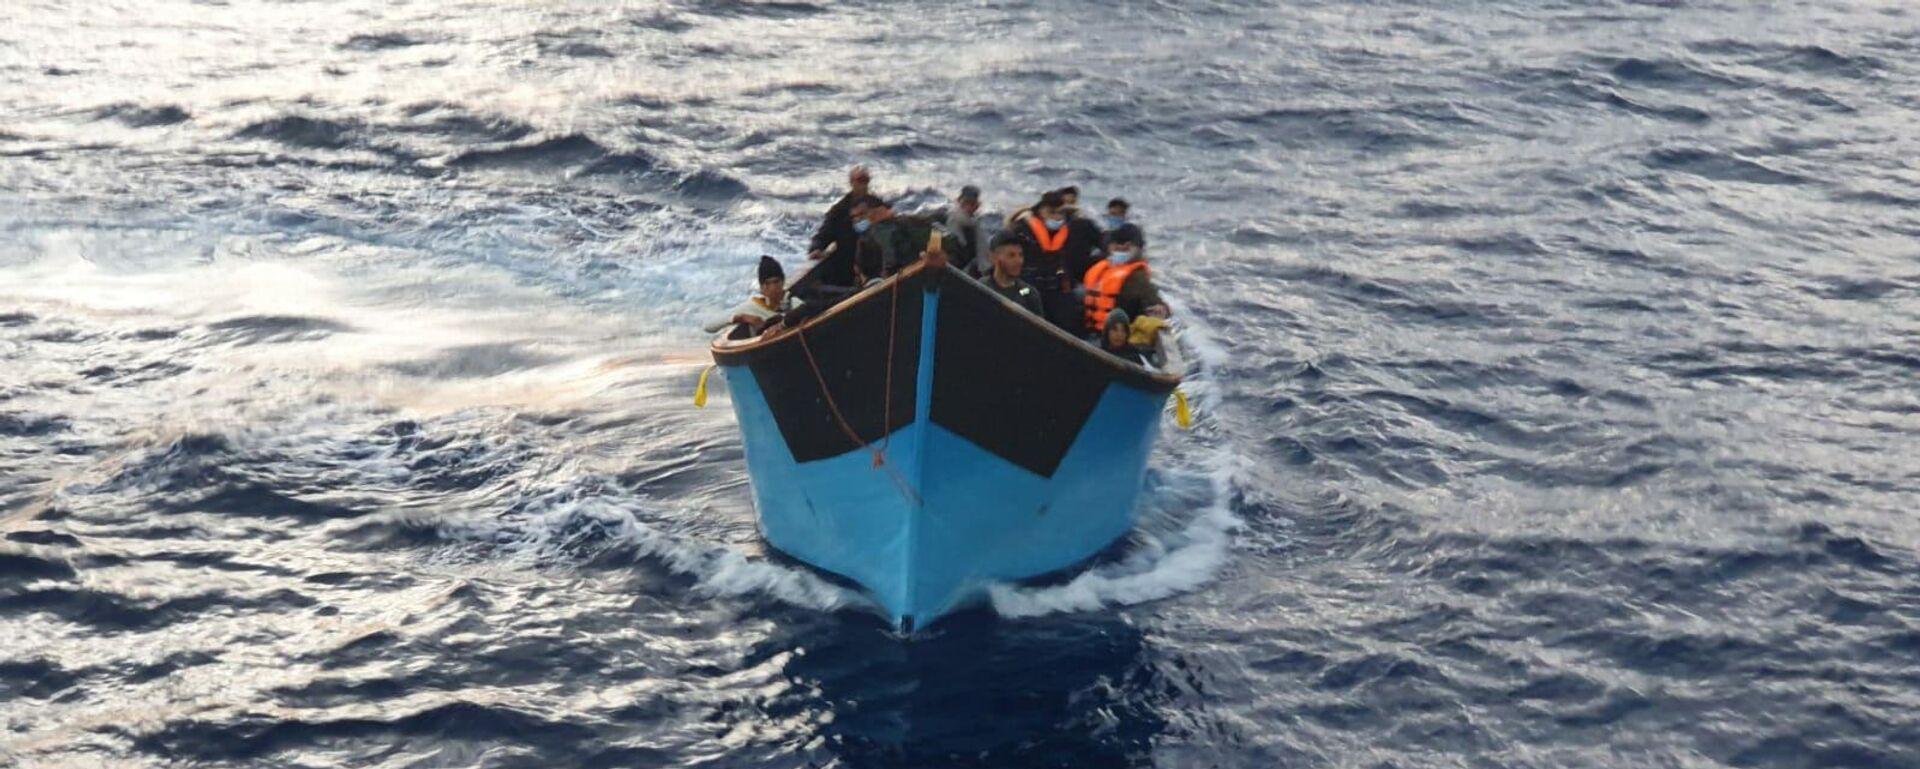 Inmigrantes llegando en patera a las Islas Canarias - Sputnik Mundo, 1920, 26.02.2021